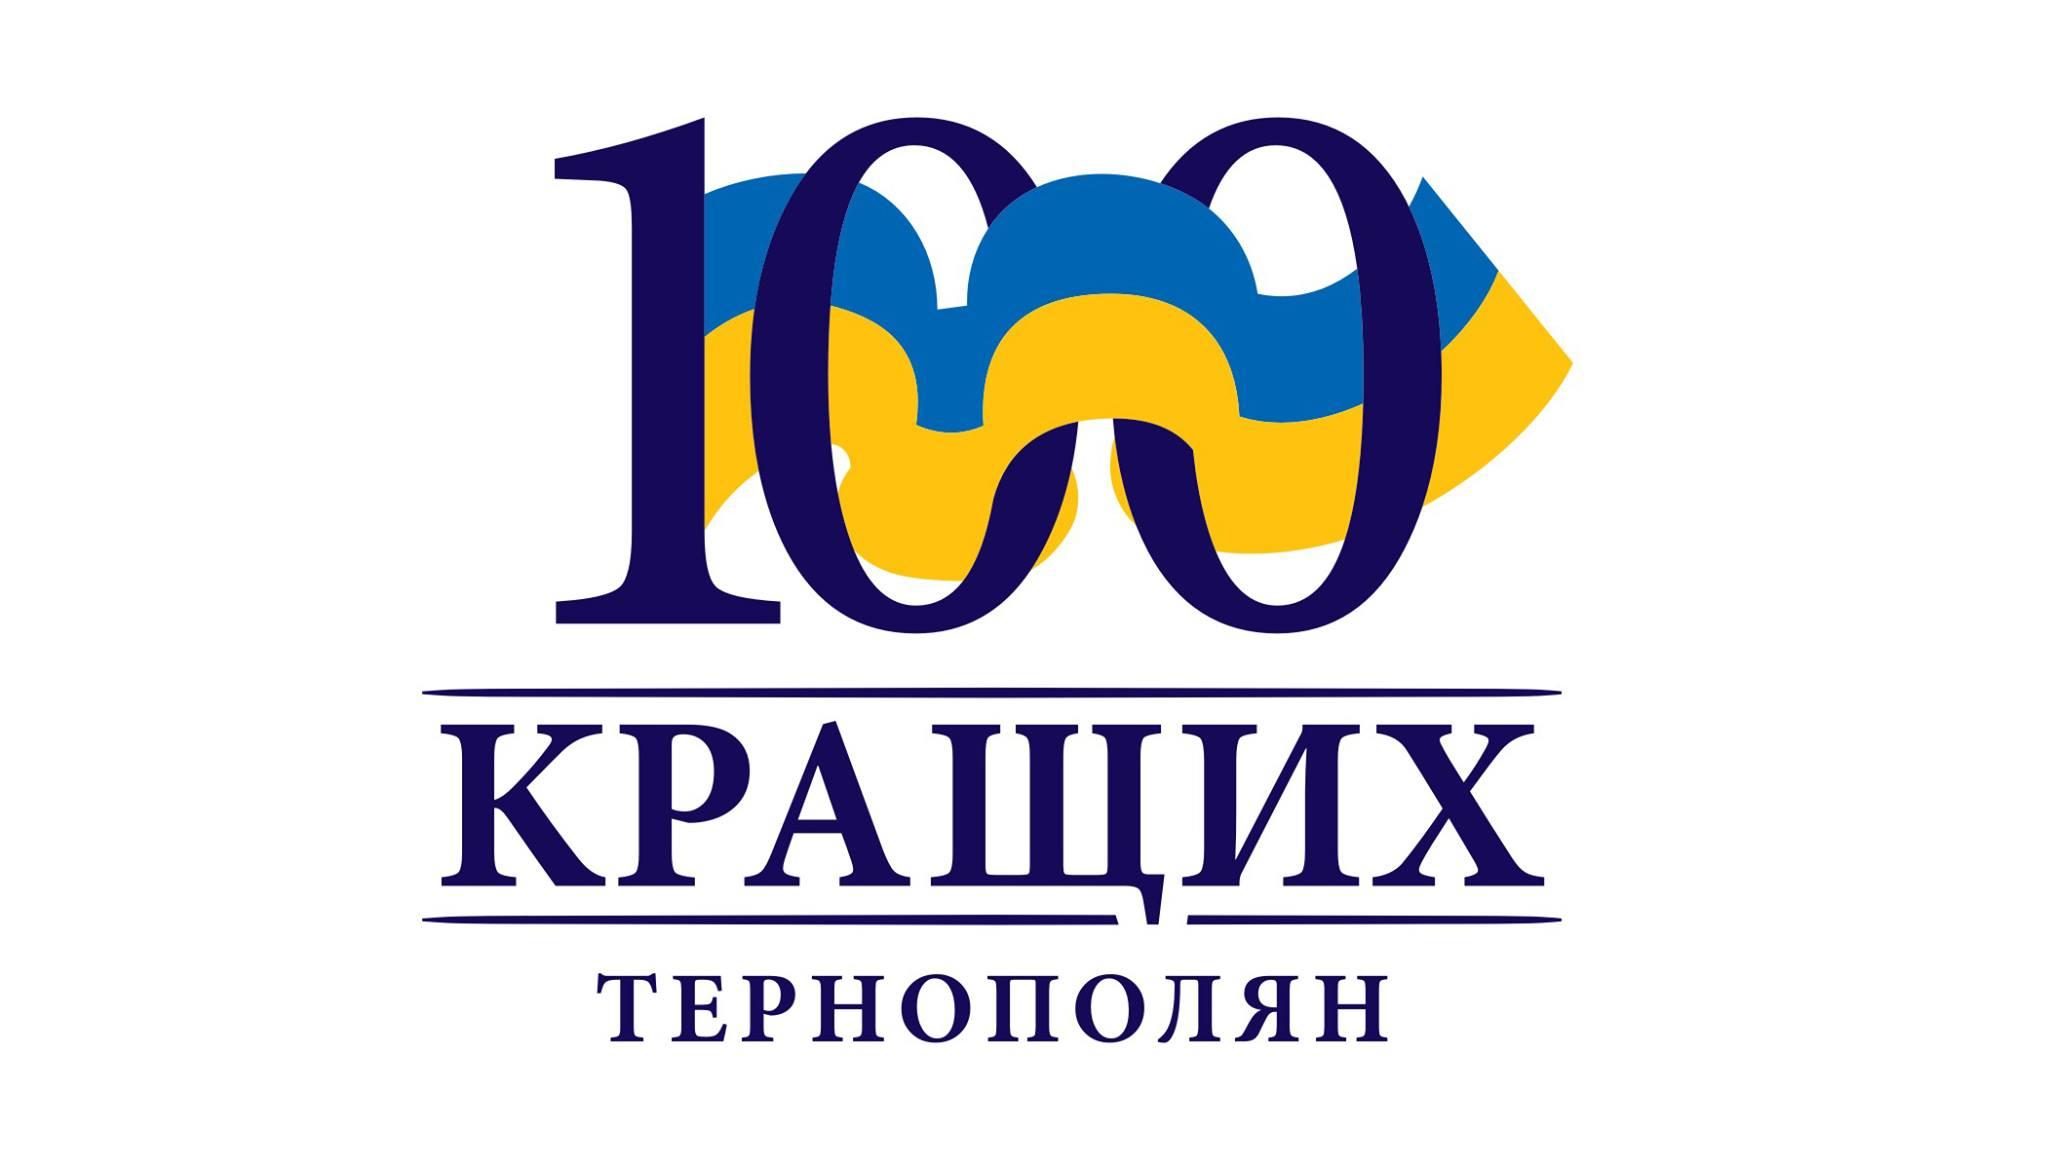 """""""100 кращих тернополян"""" пропонують обрати мешканцям обласного центру (ВІДЕО)"""